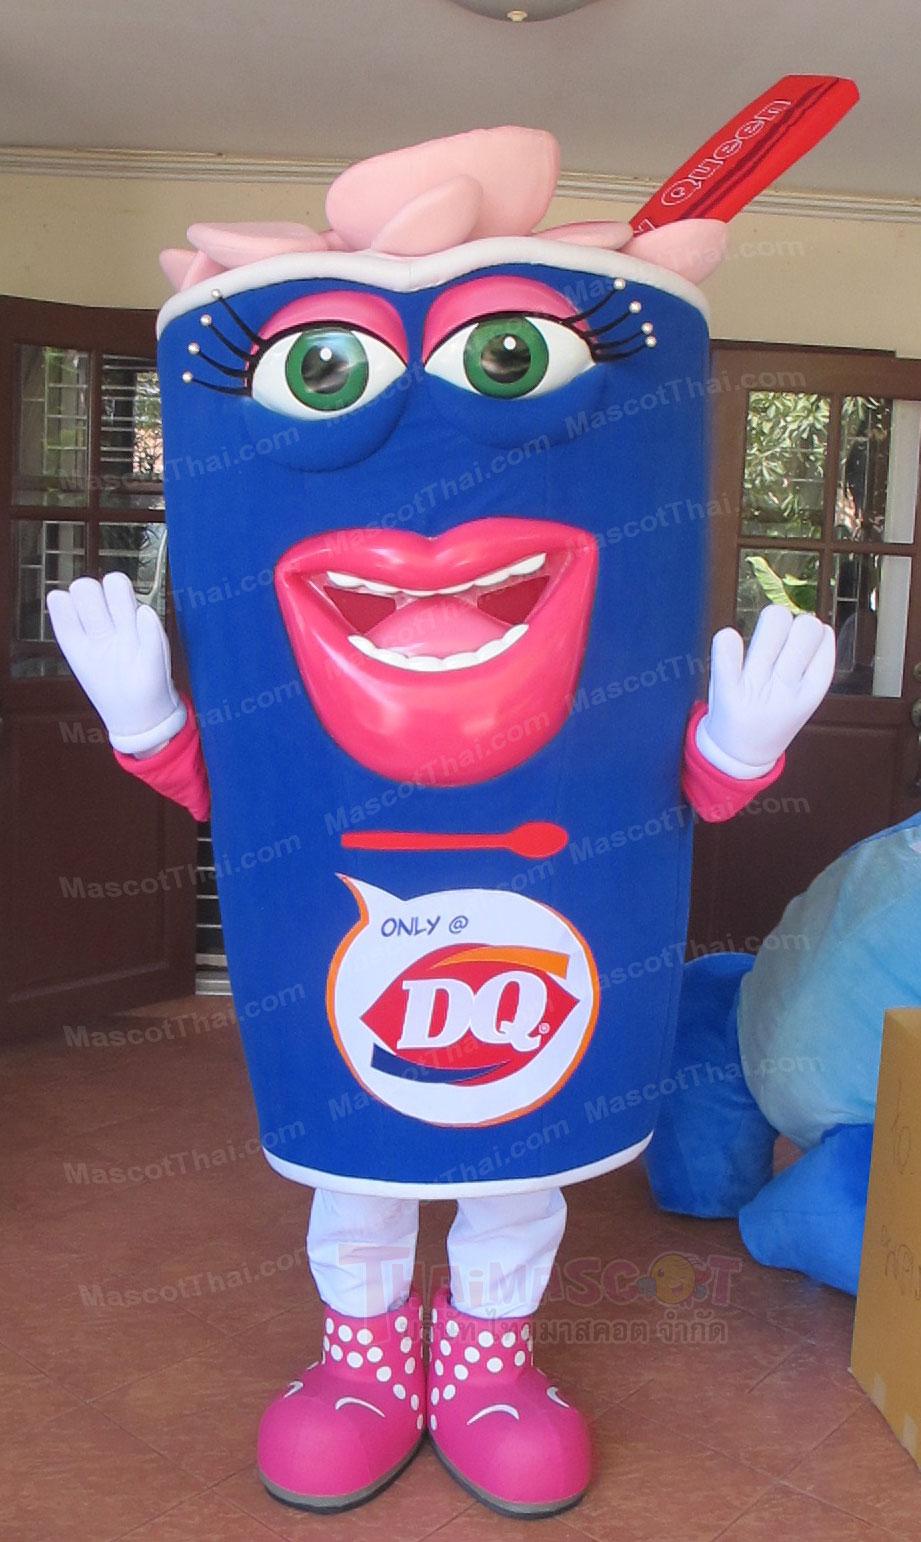 mascot dairy queen